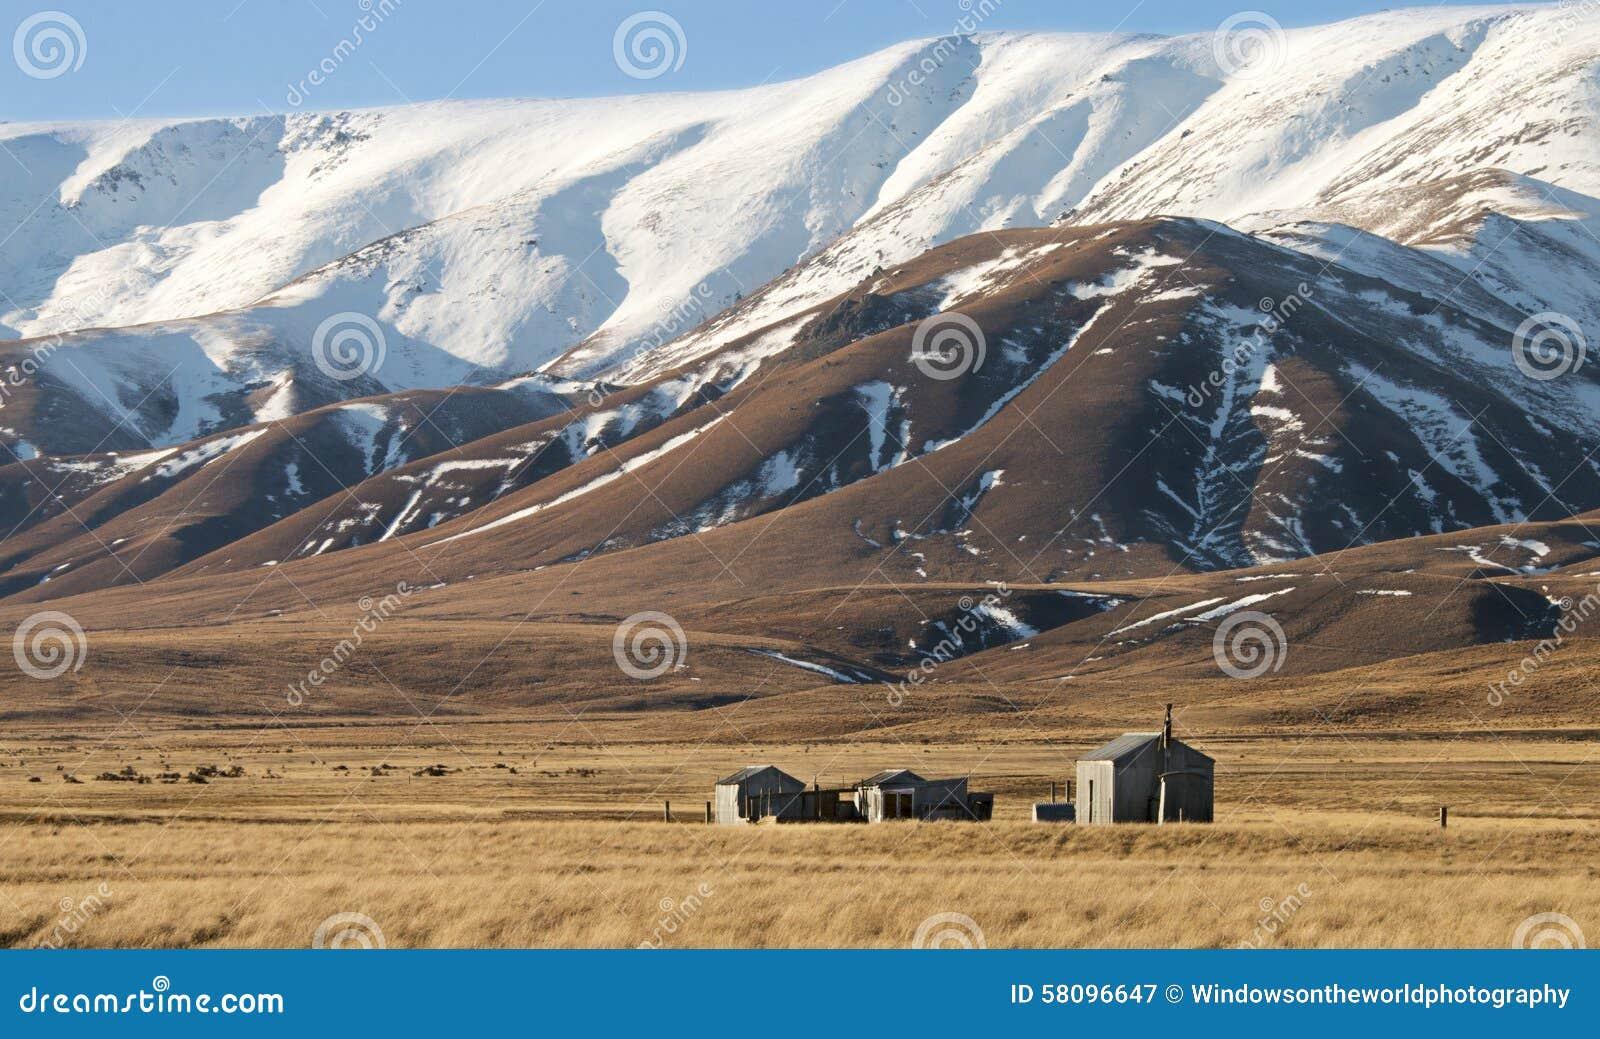 Snowcapped Imágenes De Stock Snowcapped Fotos De Stock: Cabanas Pequenas Em Tussockland Abaixo Das Montanhas